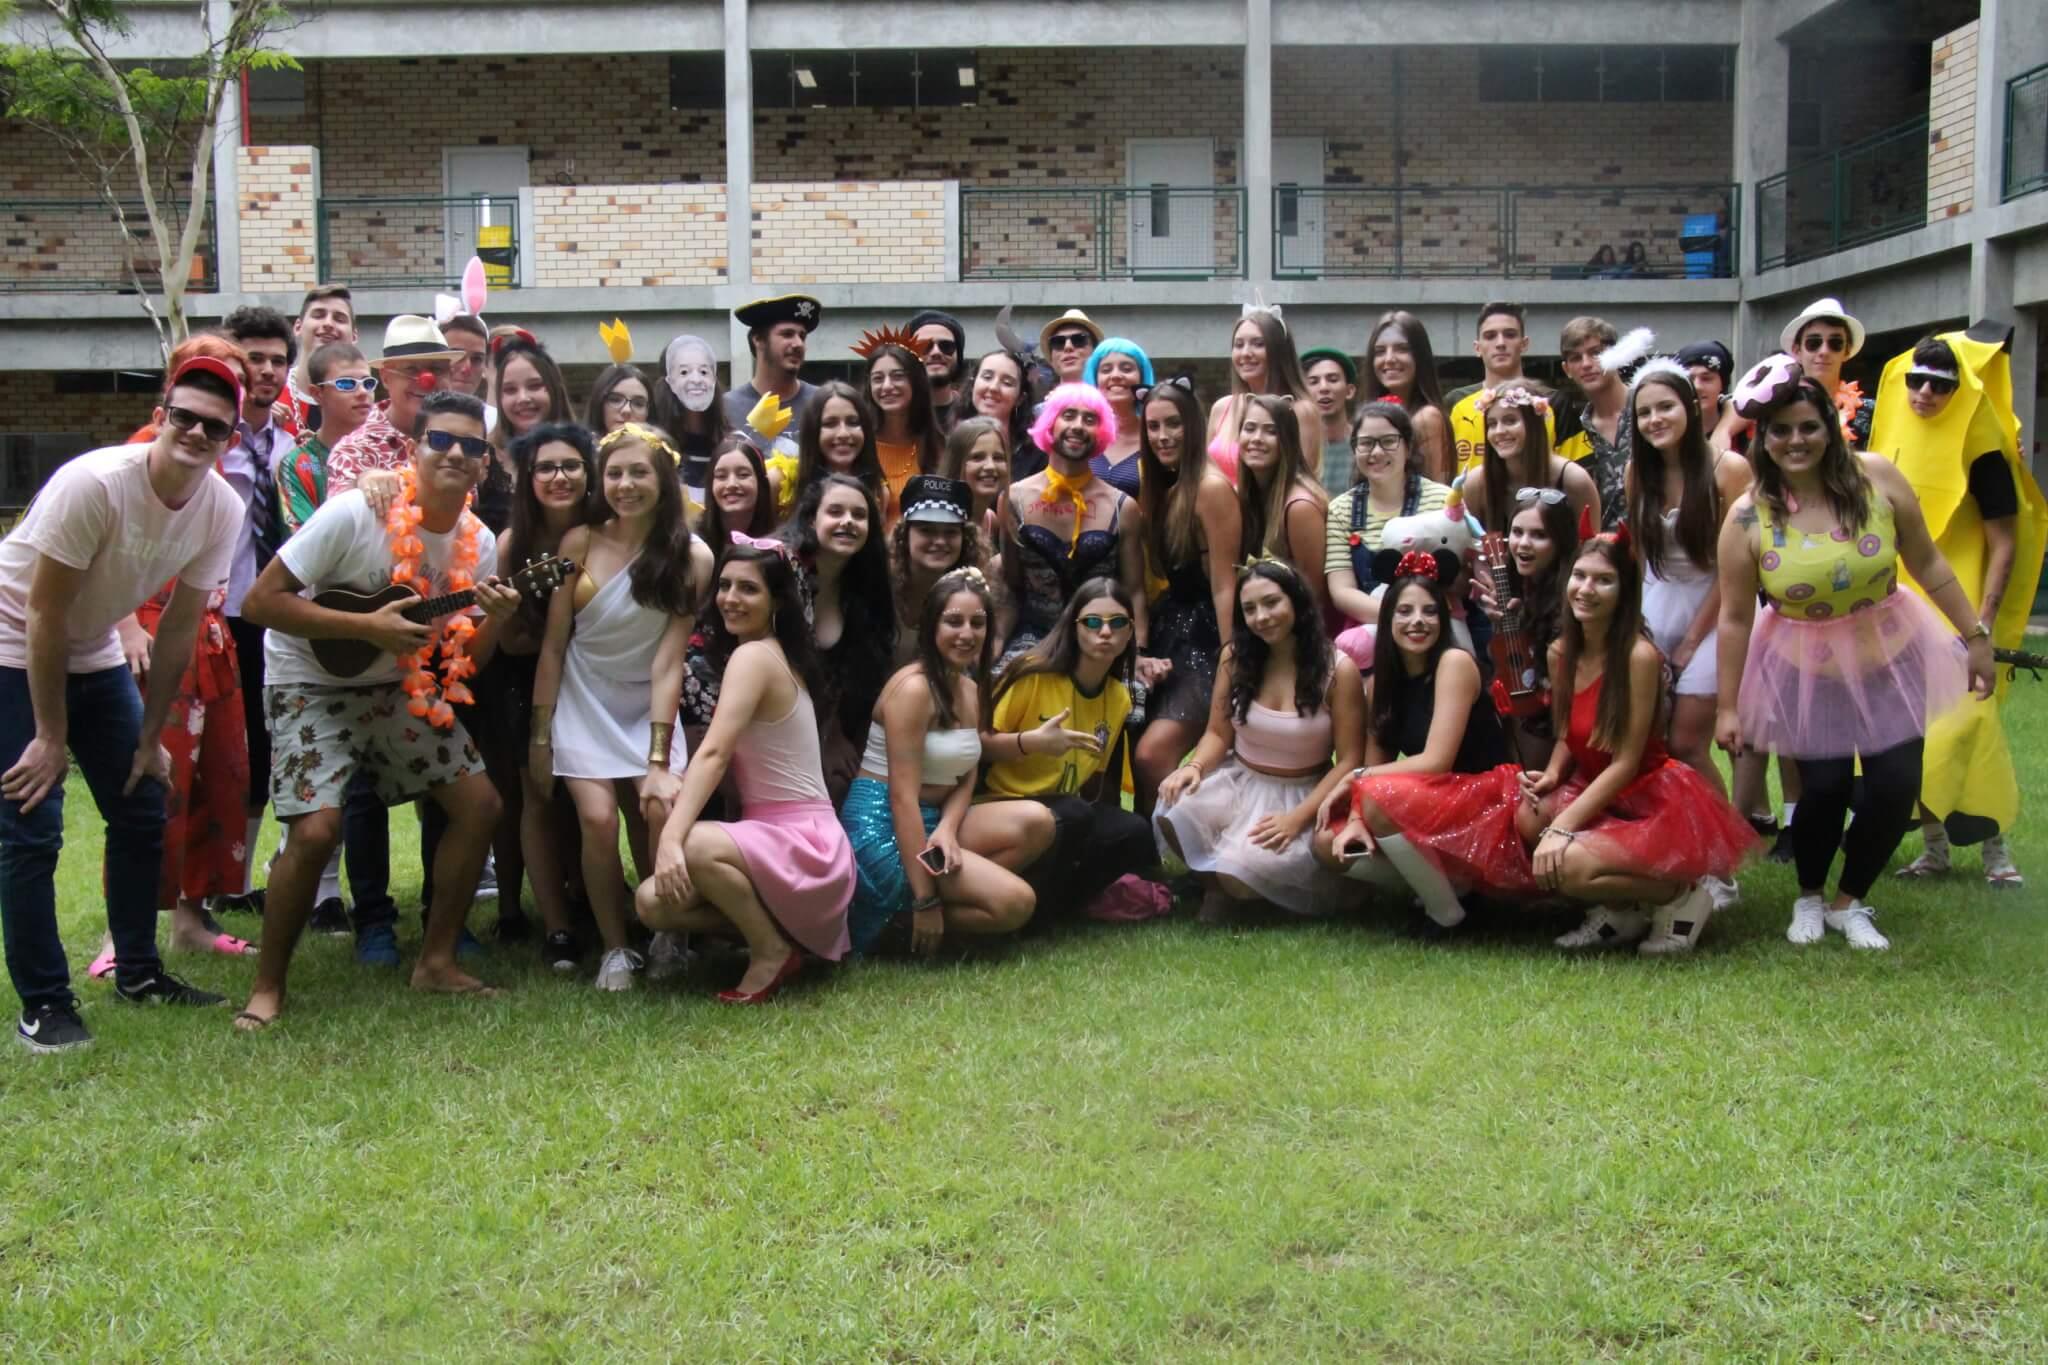 Colégio Universitário de Brusque promove atividade de recreação no Carnaval